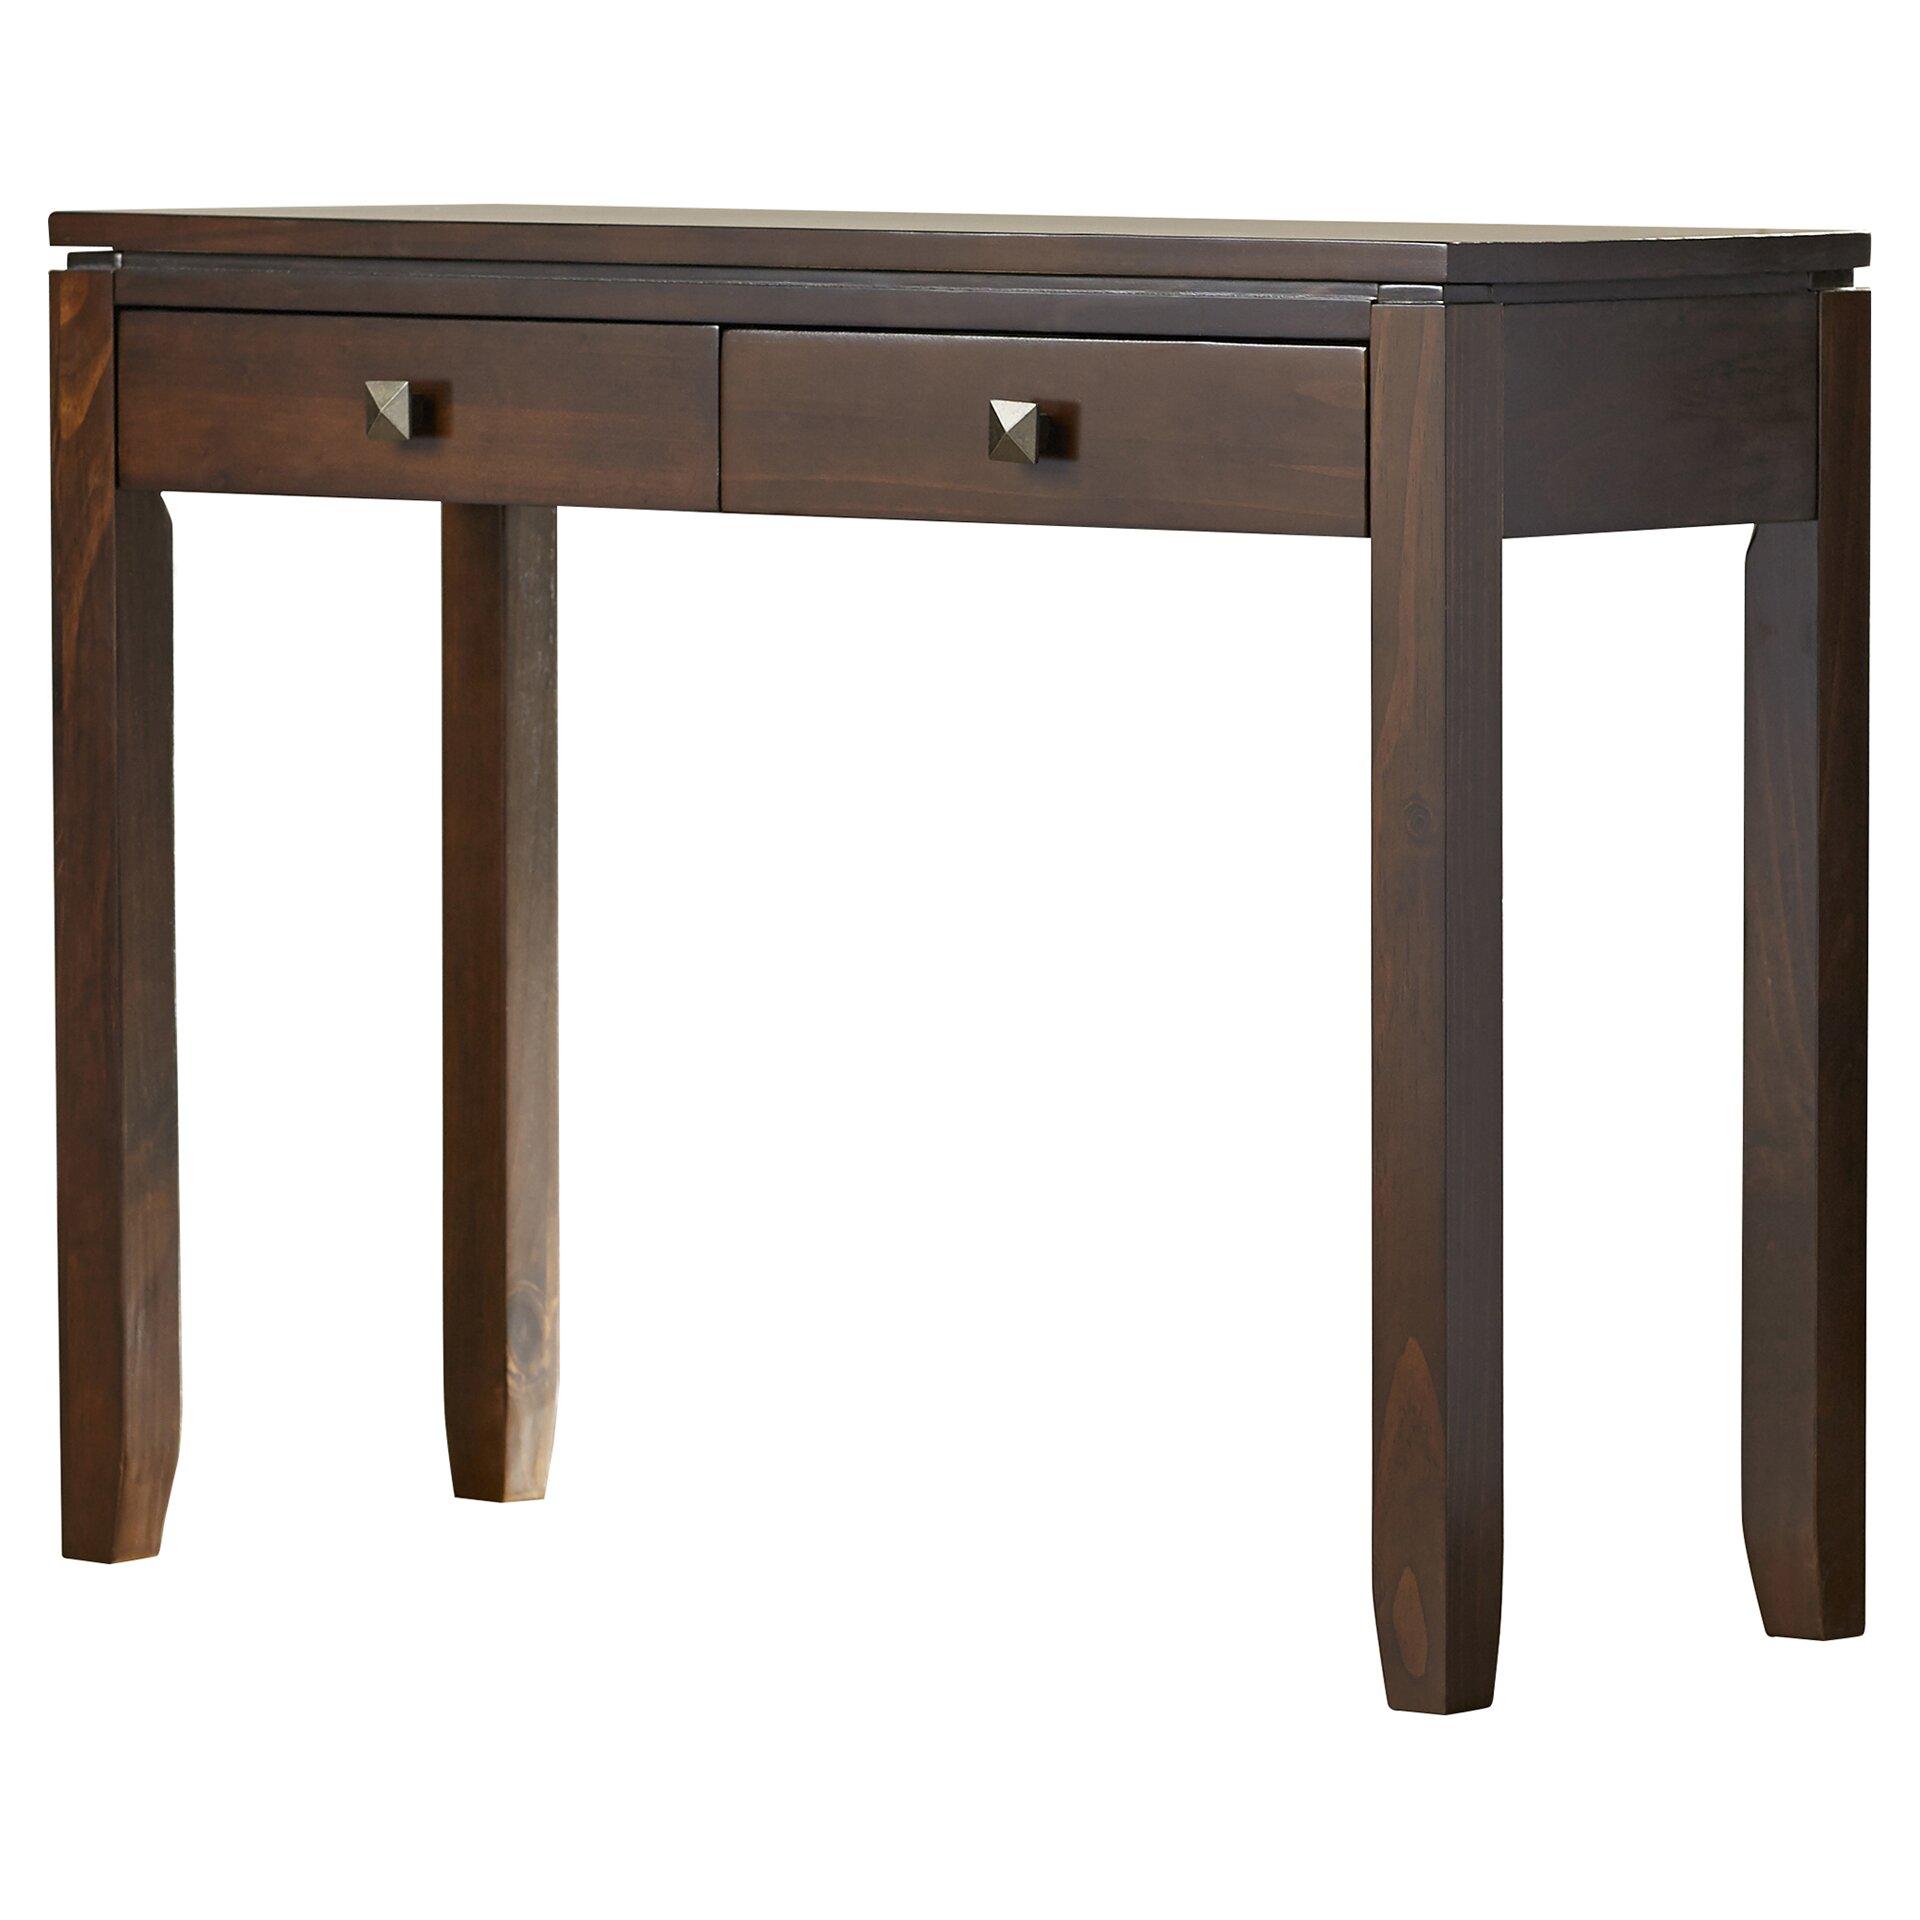 Simpli home cosmopolitan console sofa table reviews for 5 sofa table